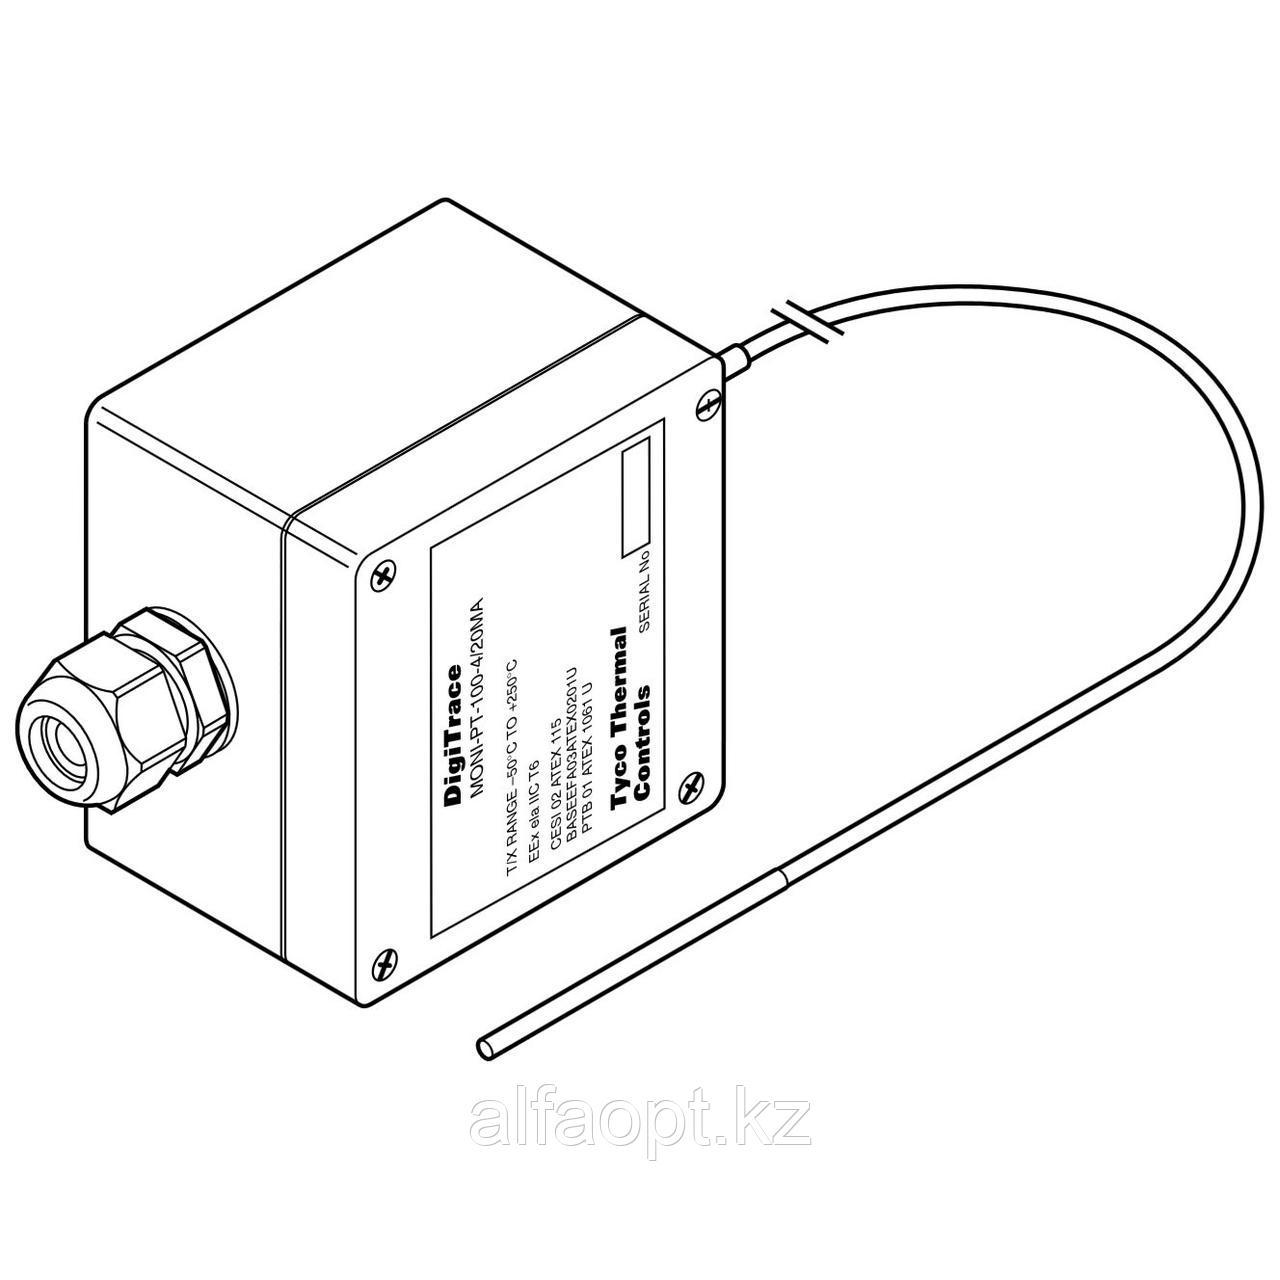 Платиновый датчик температуры c преобразователем, для взрывоопасных зон MONI-PT100-4/20MA